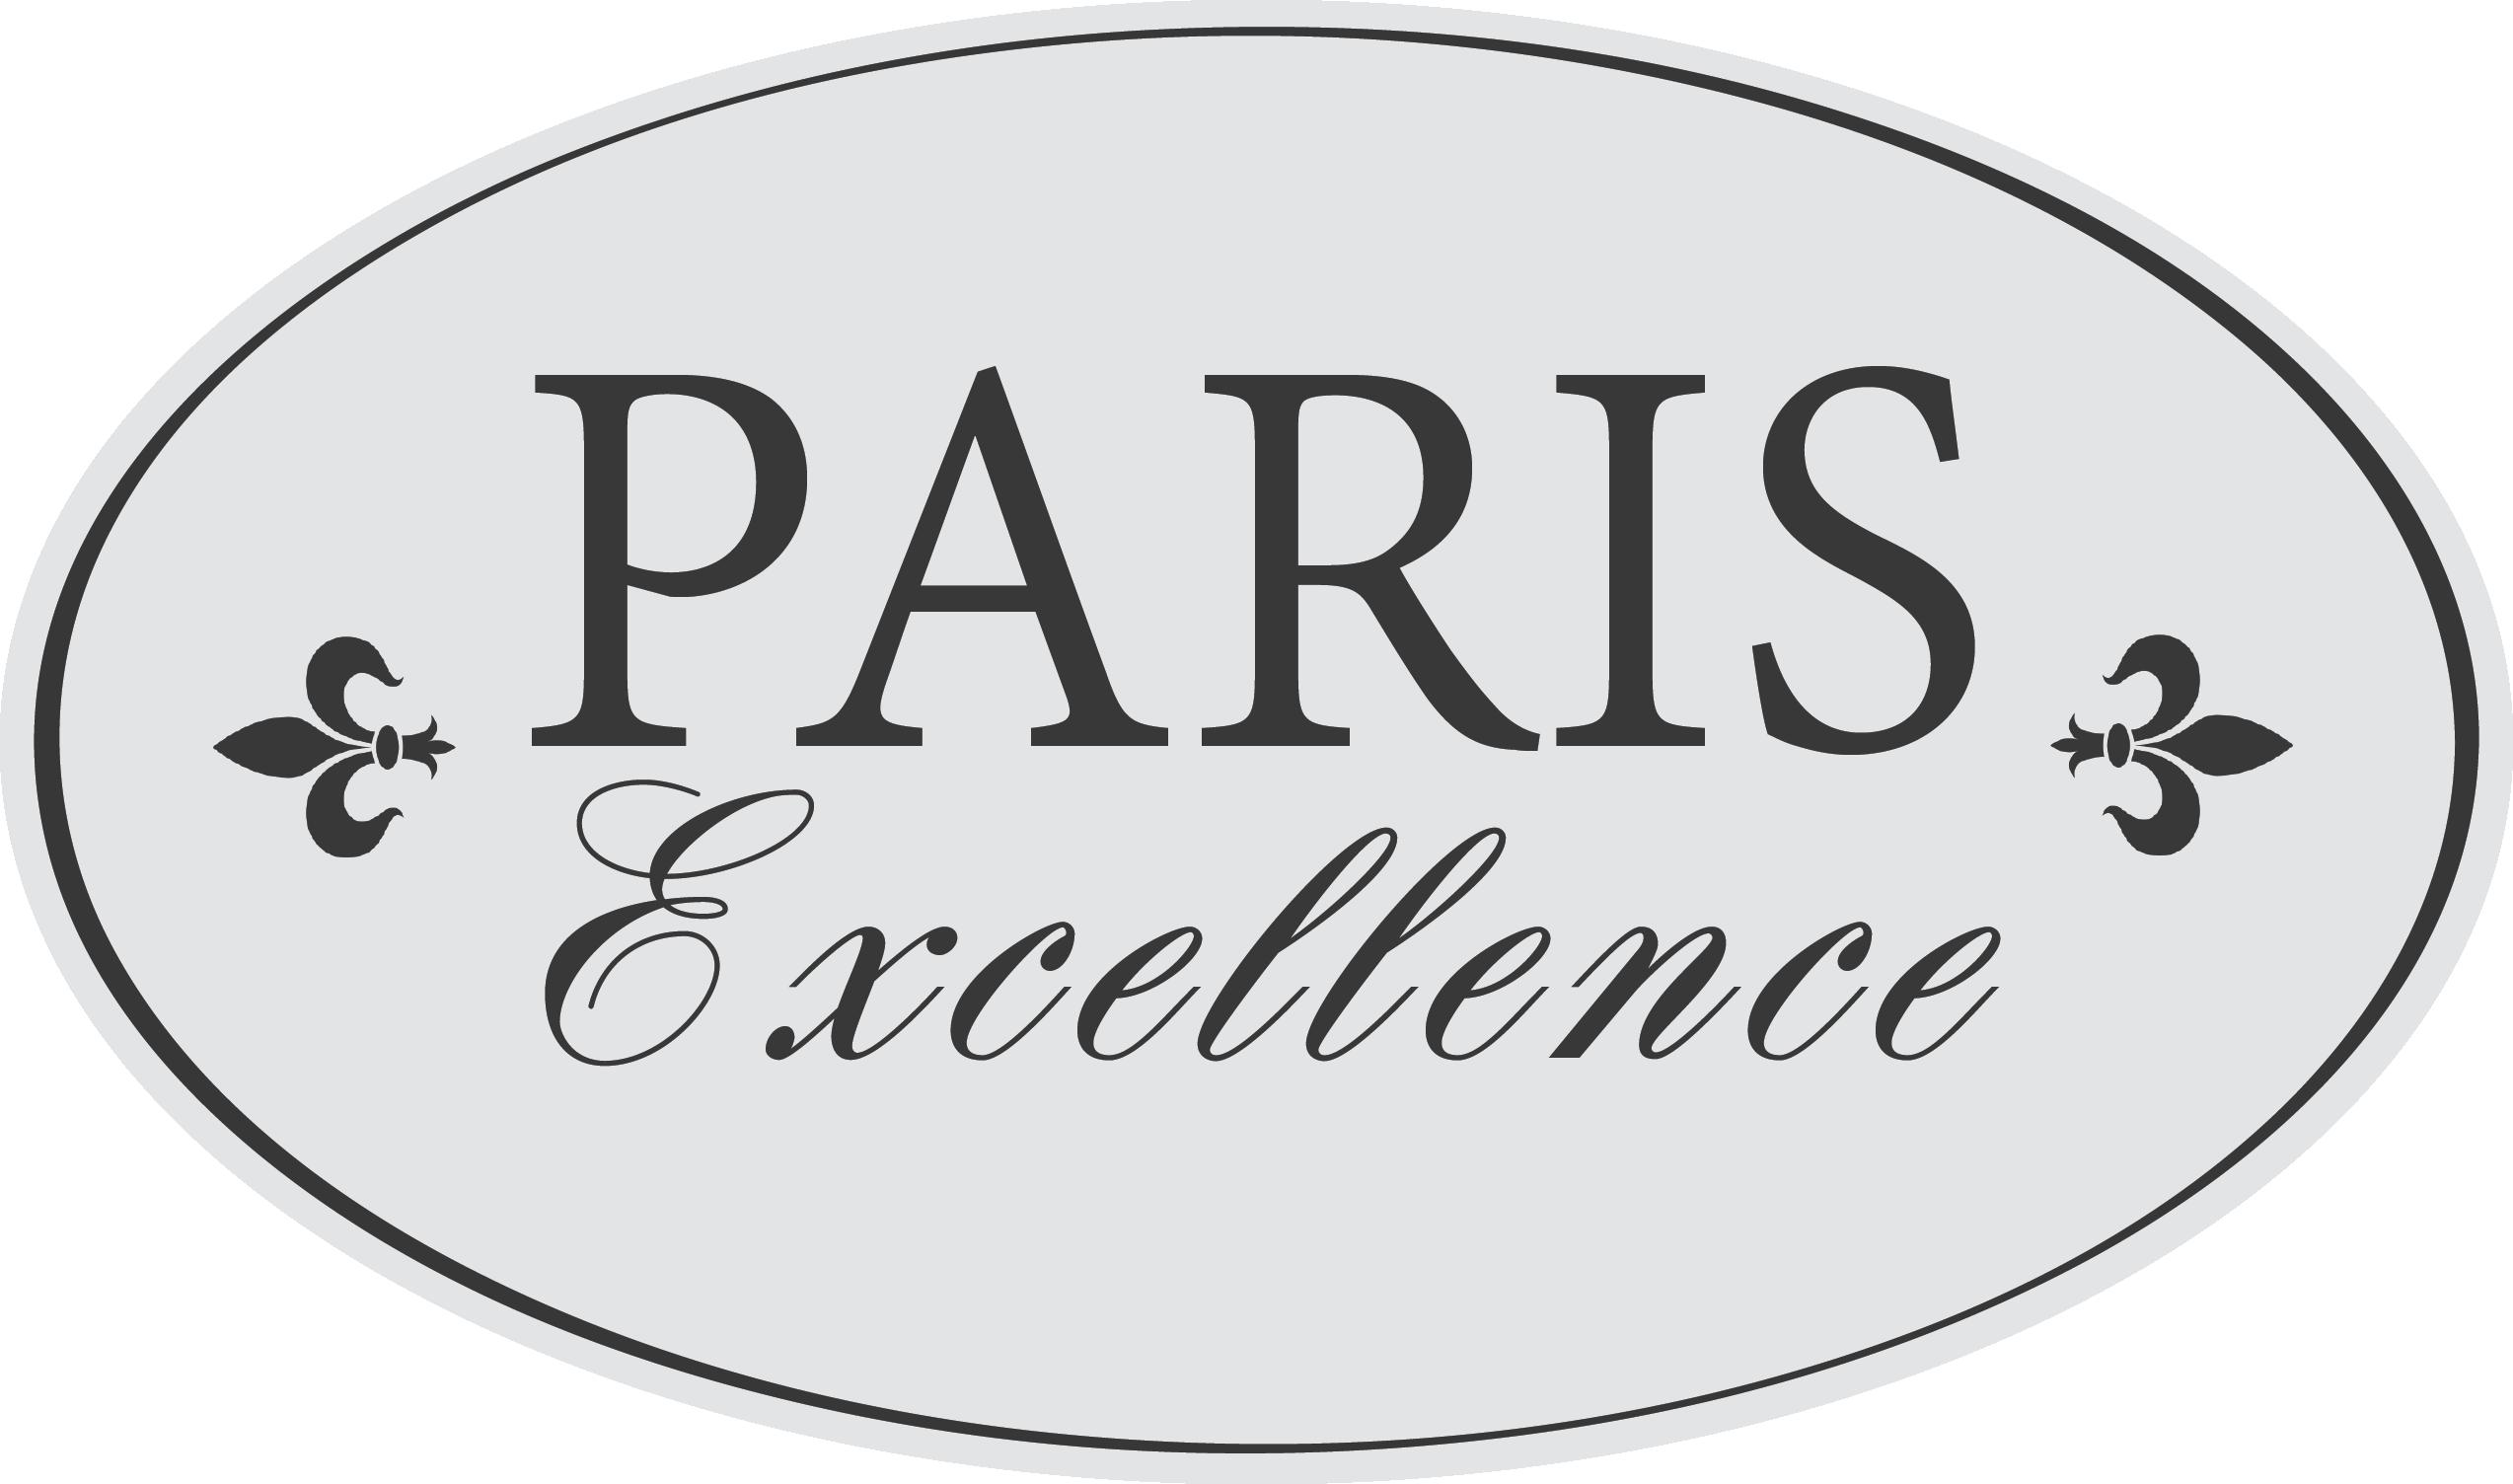 Paris Excellence